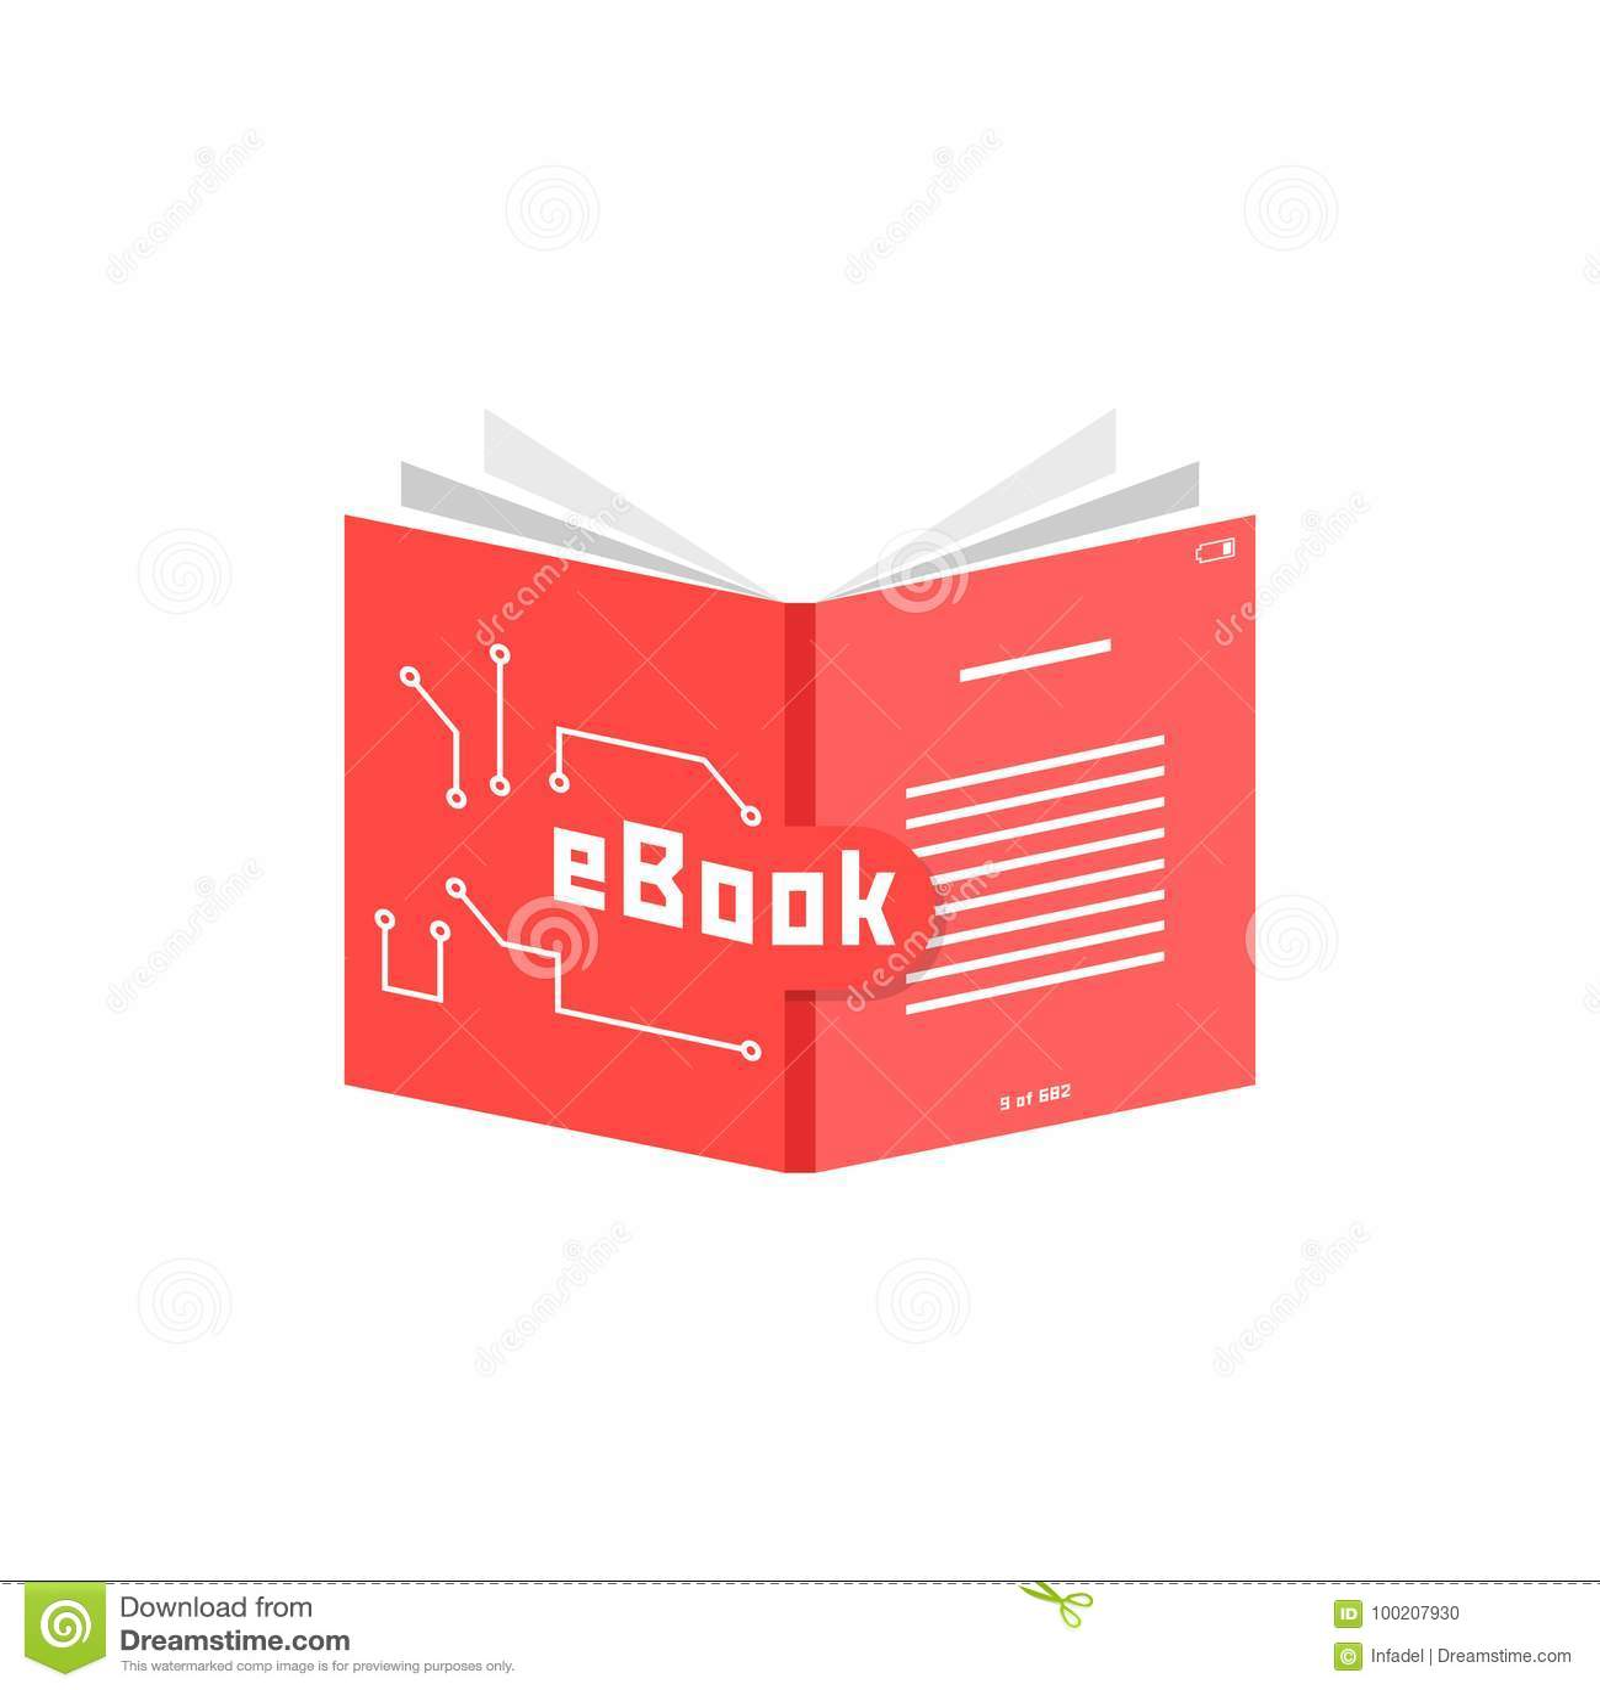 Dream Dictionary Ebook